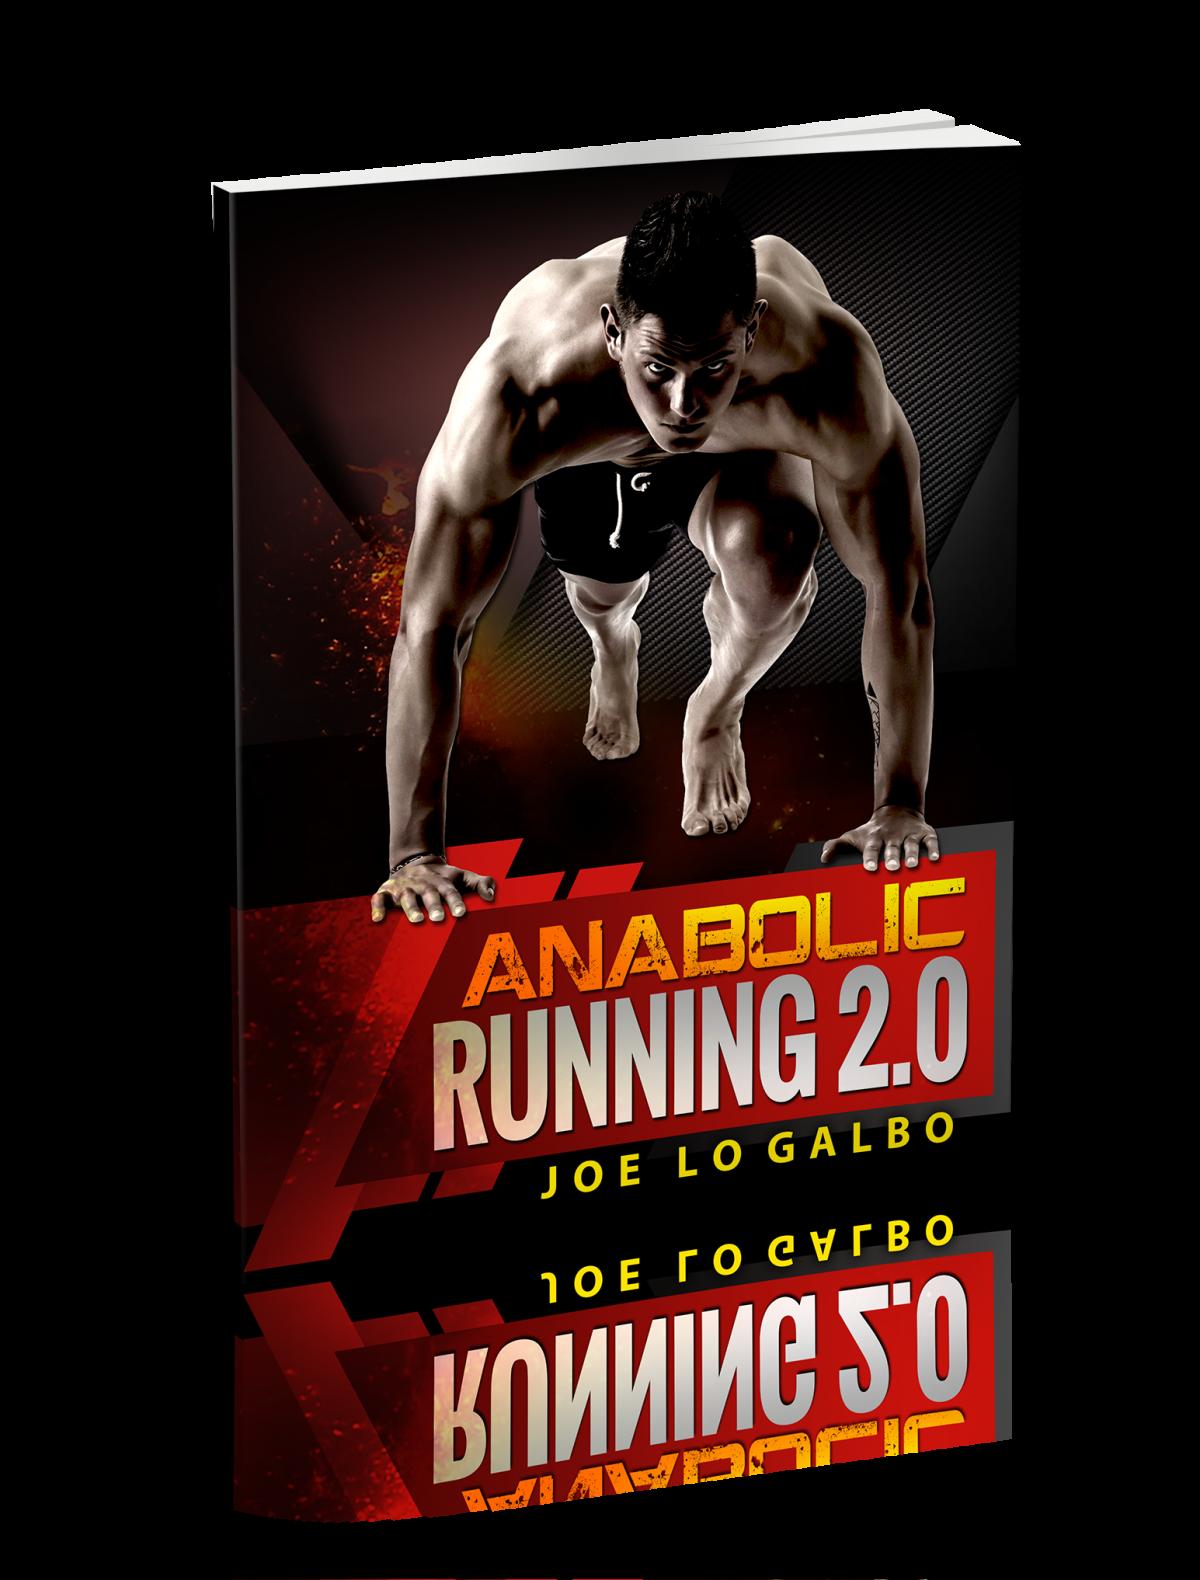 Anabolic Running 2.0 Program Book